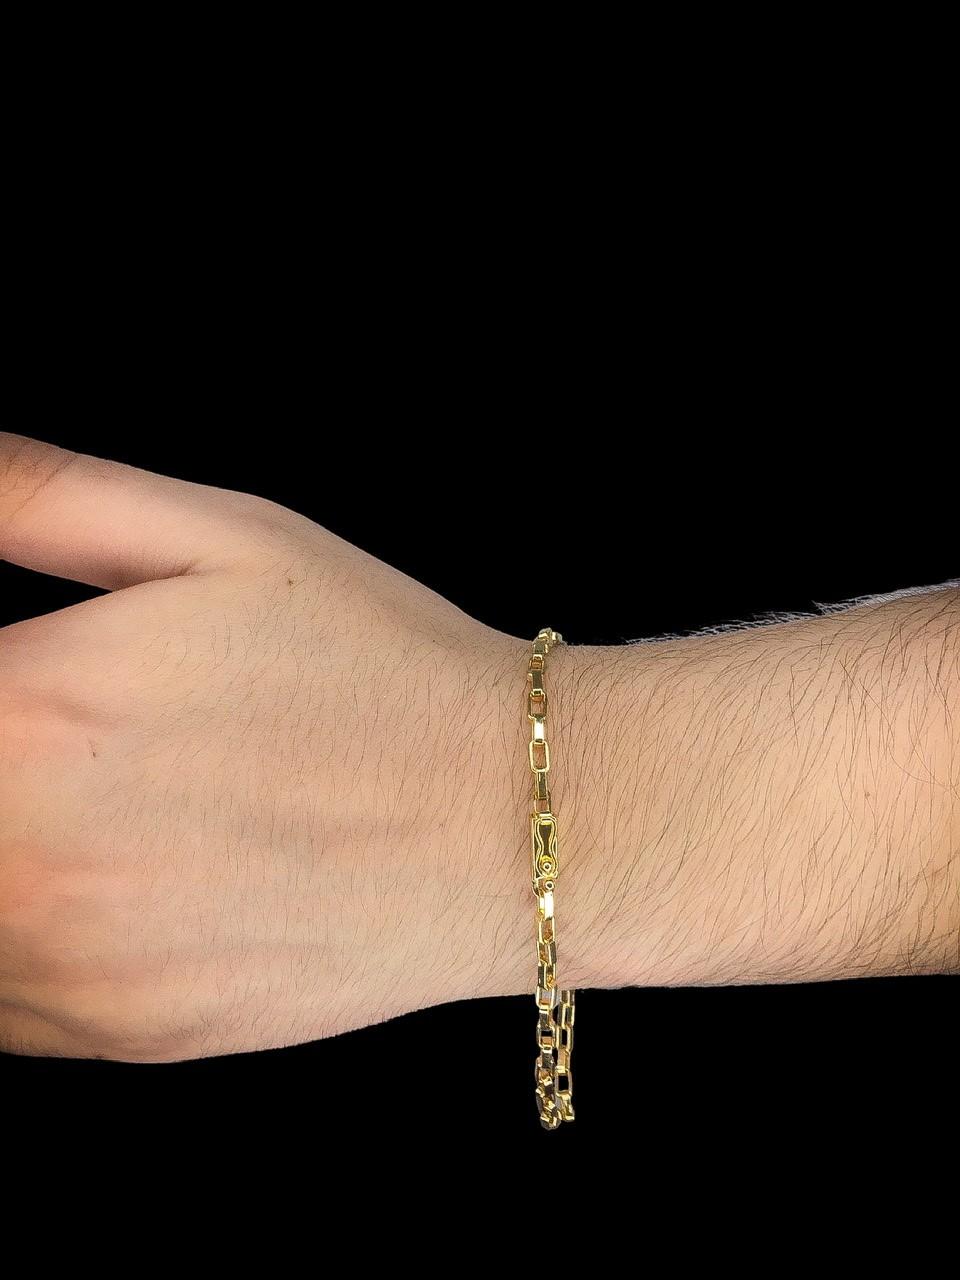 Pulseira Cartie tijolinho  -  3 milímetros - 22 Centímetros - fecho Gaveta - Banhado a ouro 18 k